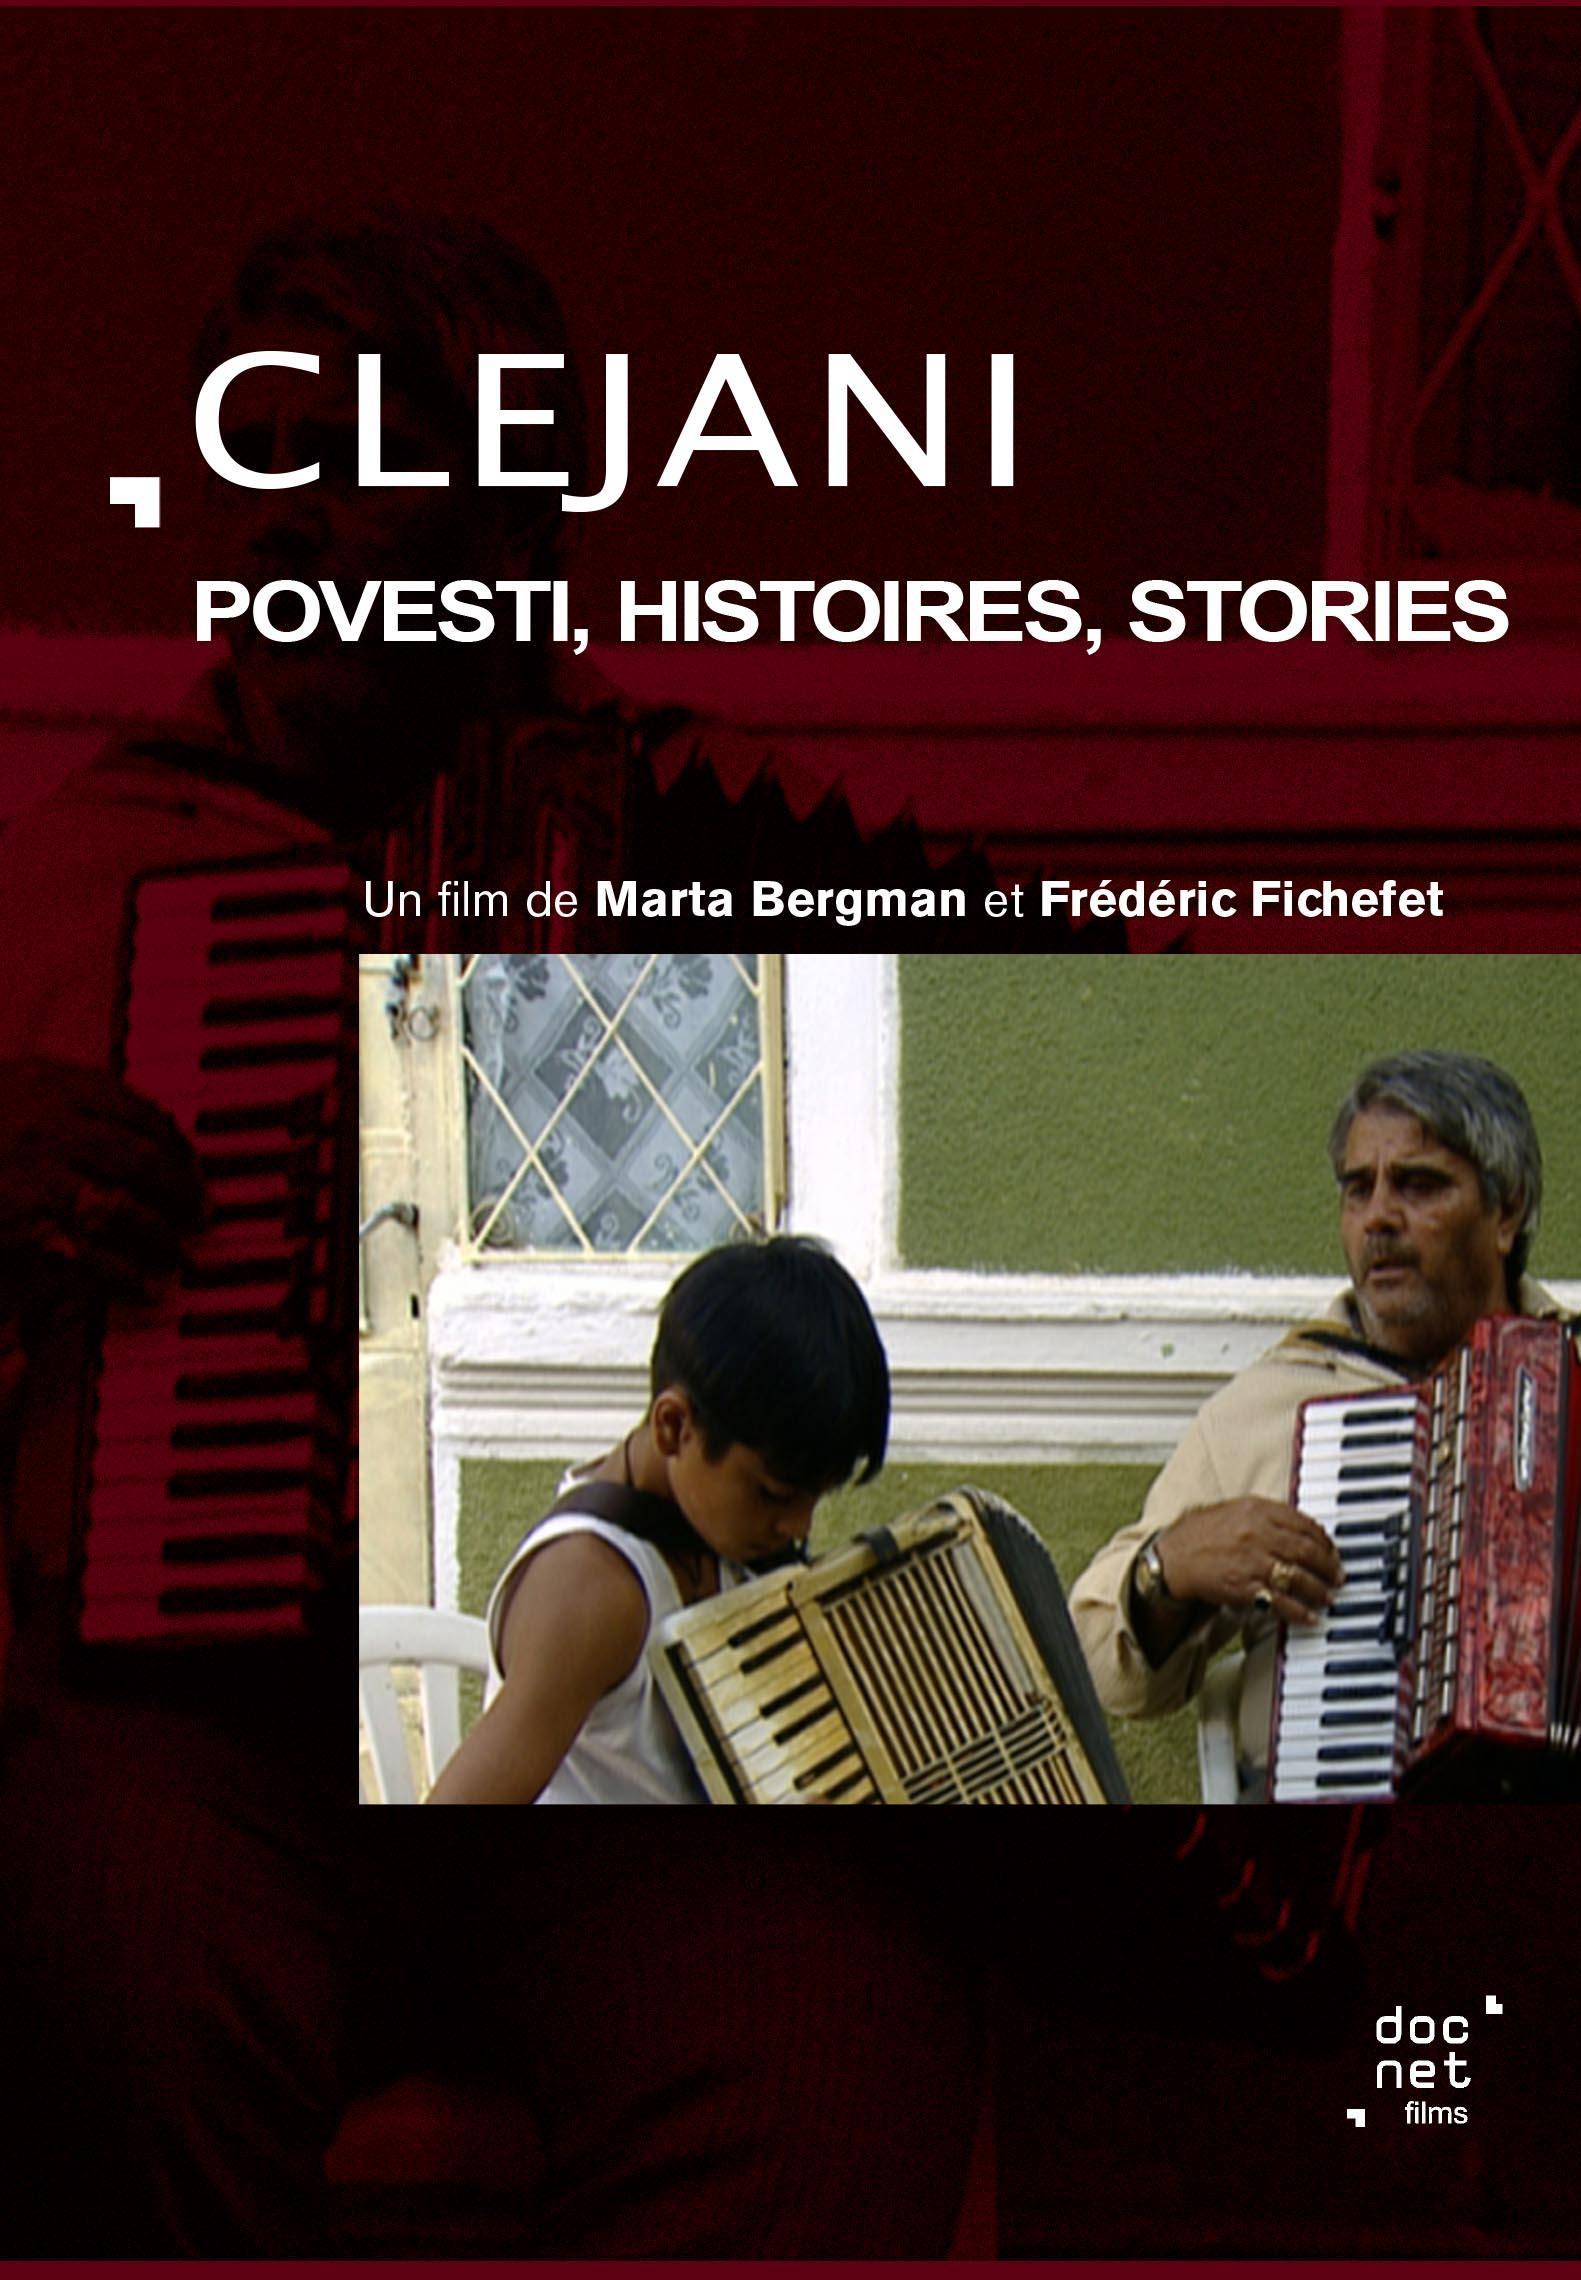 Clejani - dvd